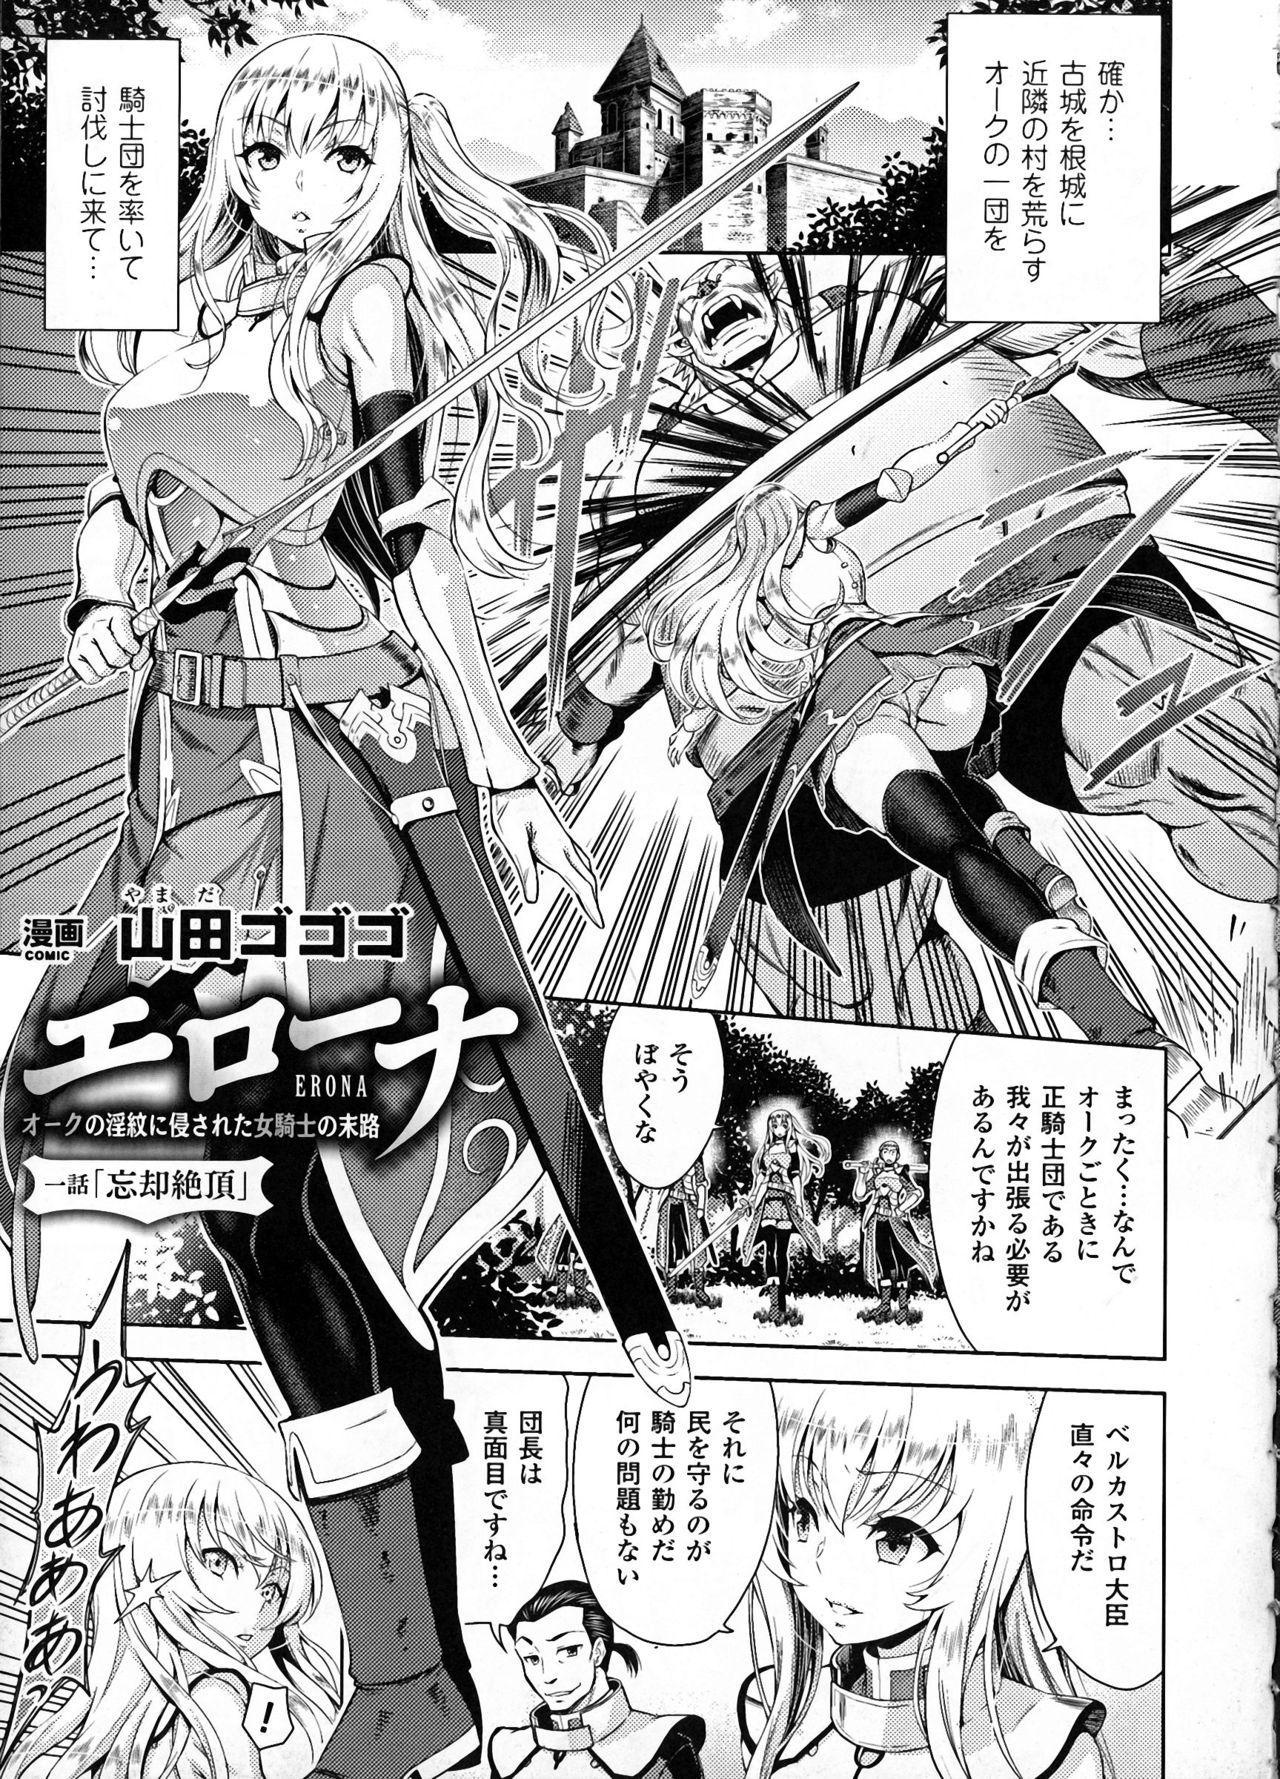 ERONA Orc no Inmon ni Okasareta Onna Kishi no Matsuro 2